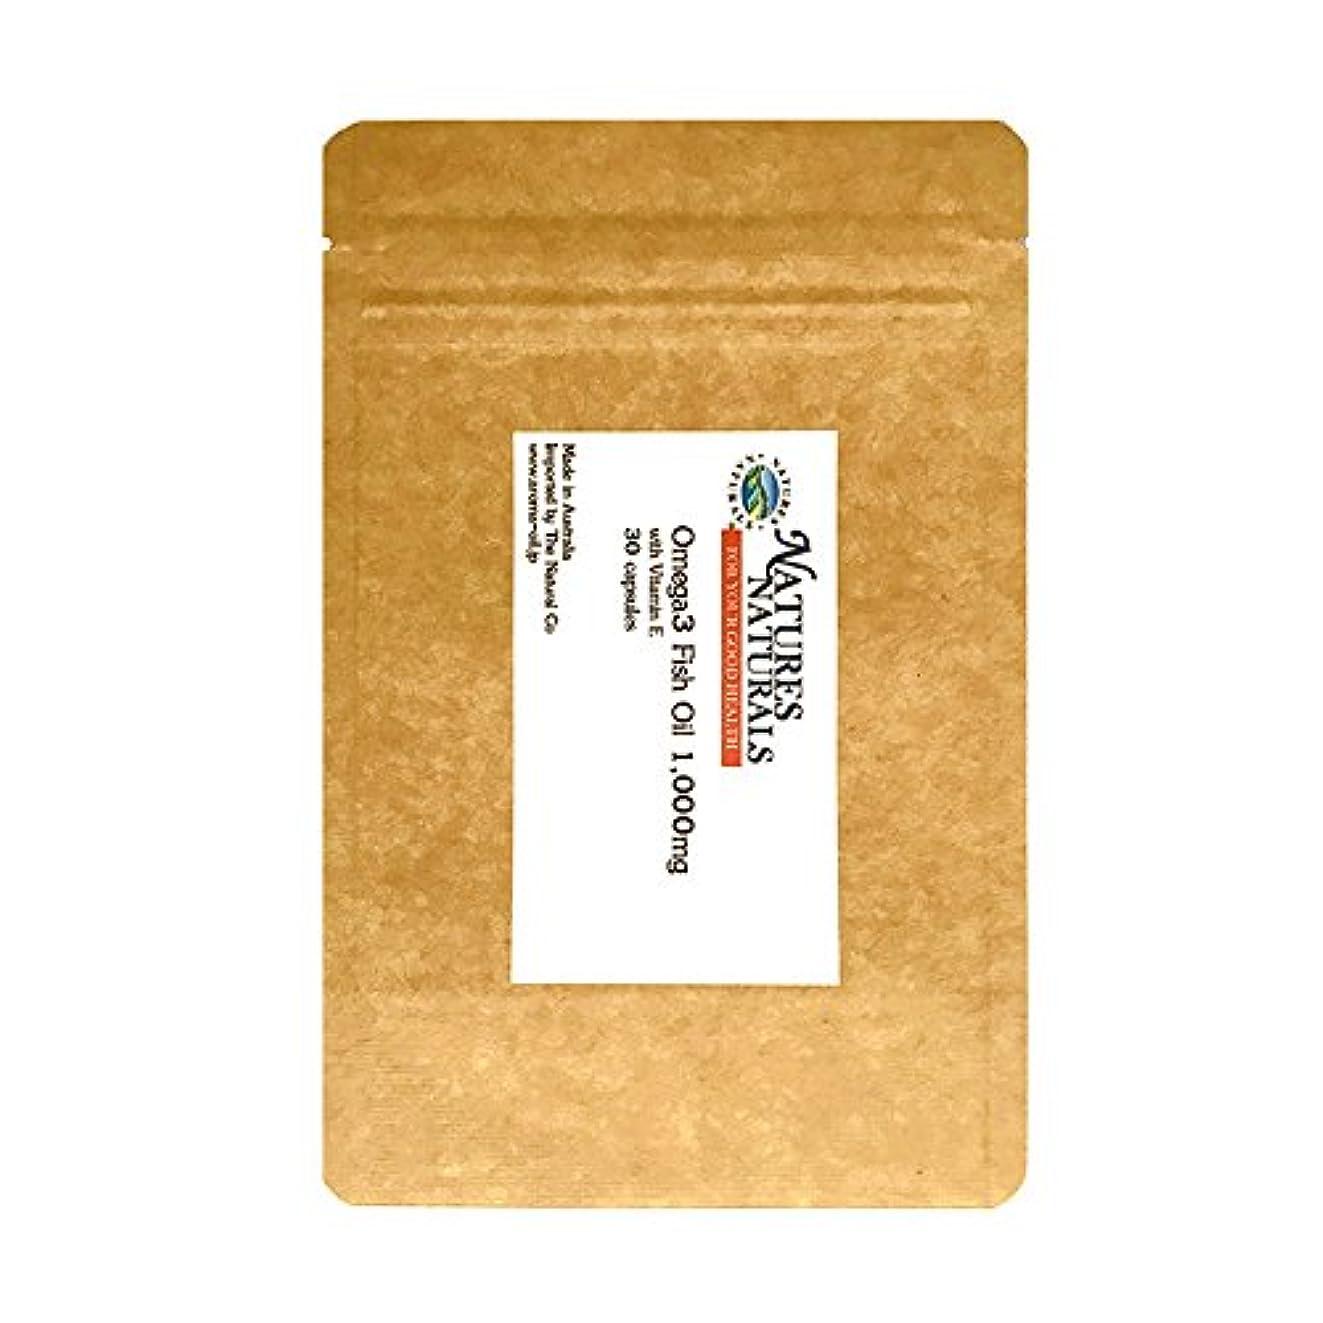 本追加不変オメガ3 ビタミンE配合/DHA EPA 1,000mg オーストラリア産サプリメント/30錠 約1ヶ月分